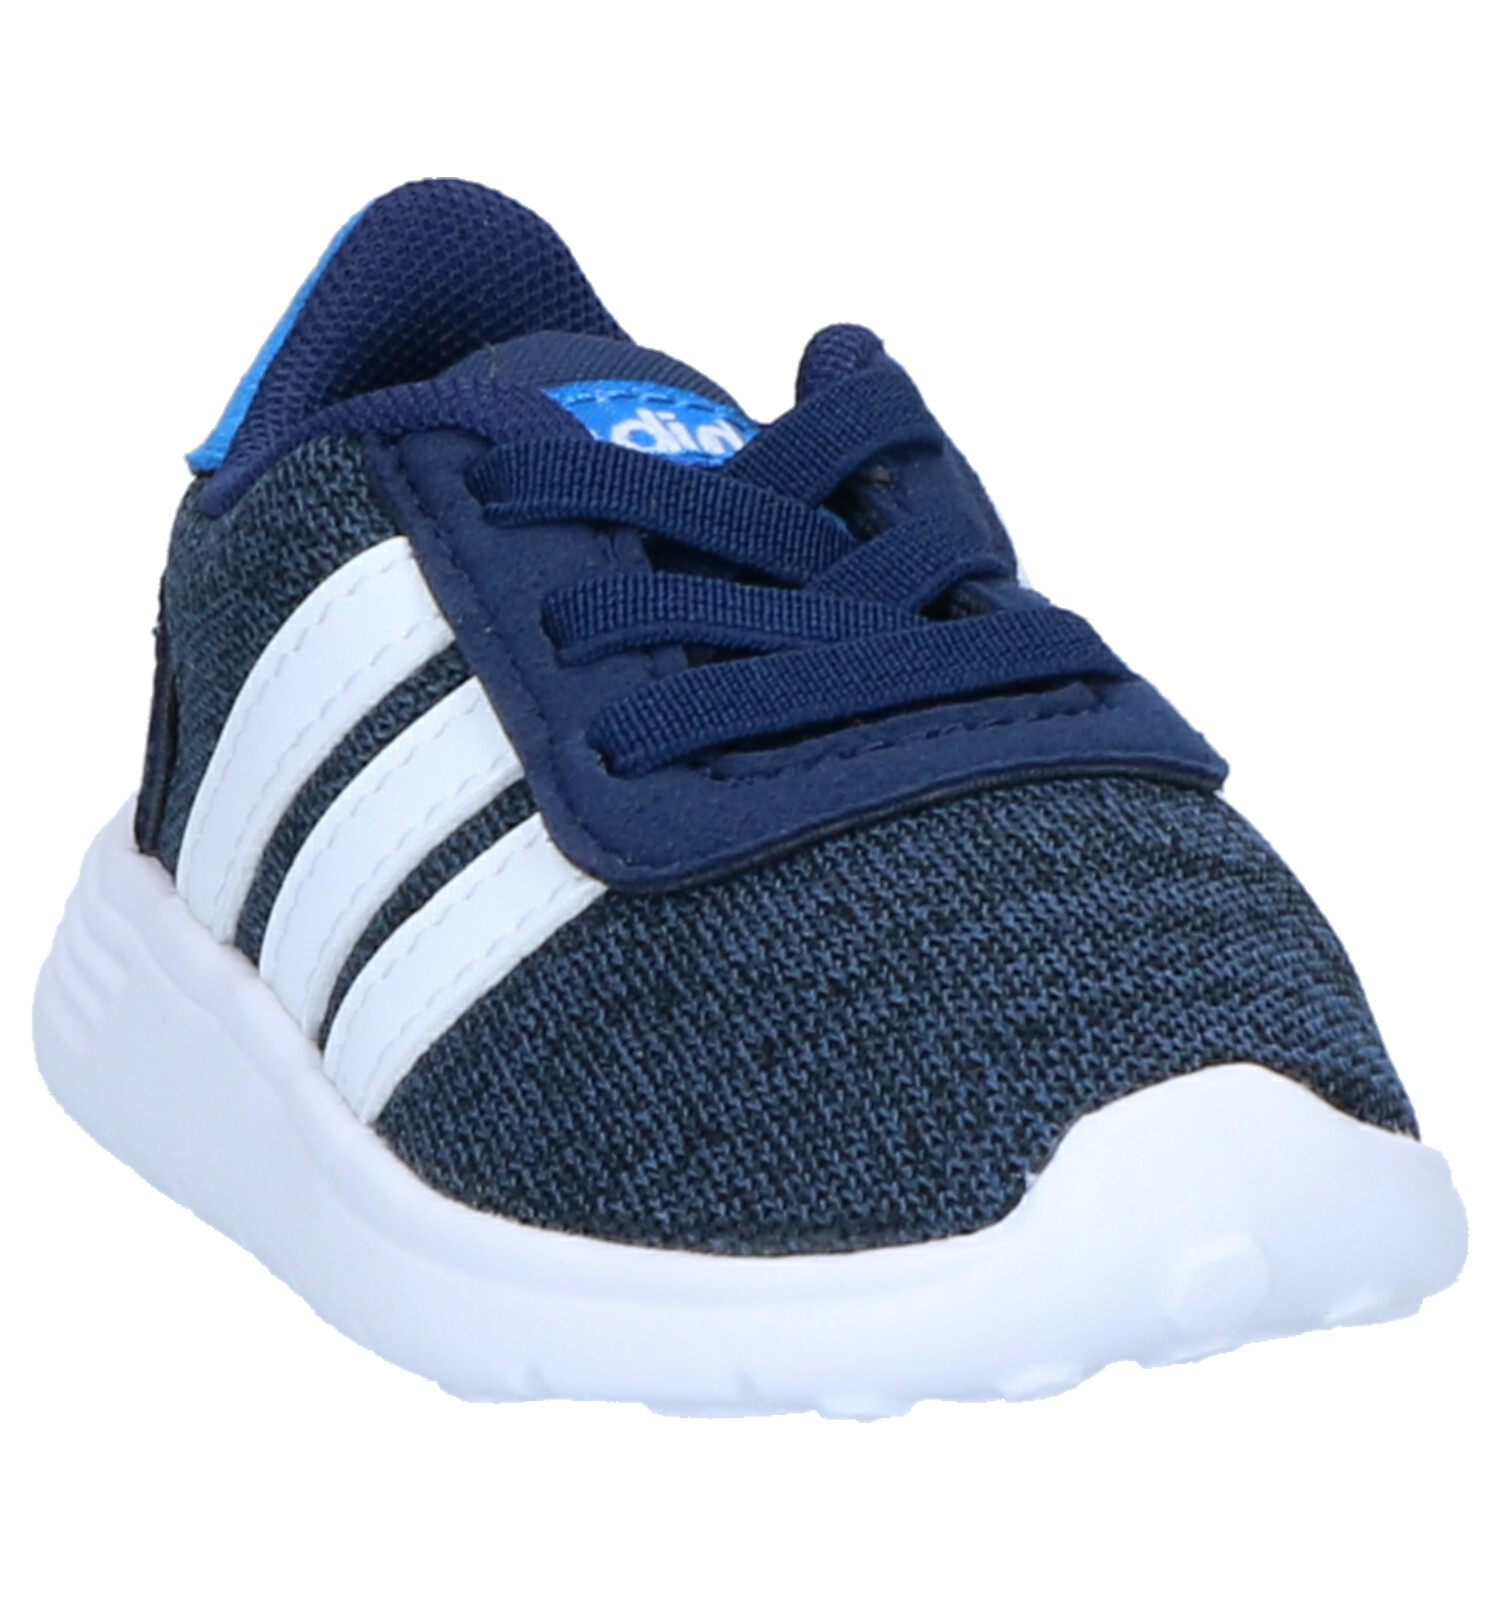 welke adidas schoenen hebben elastieke veters